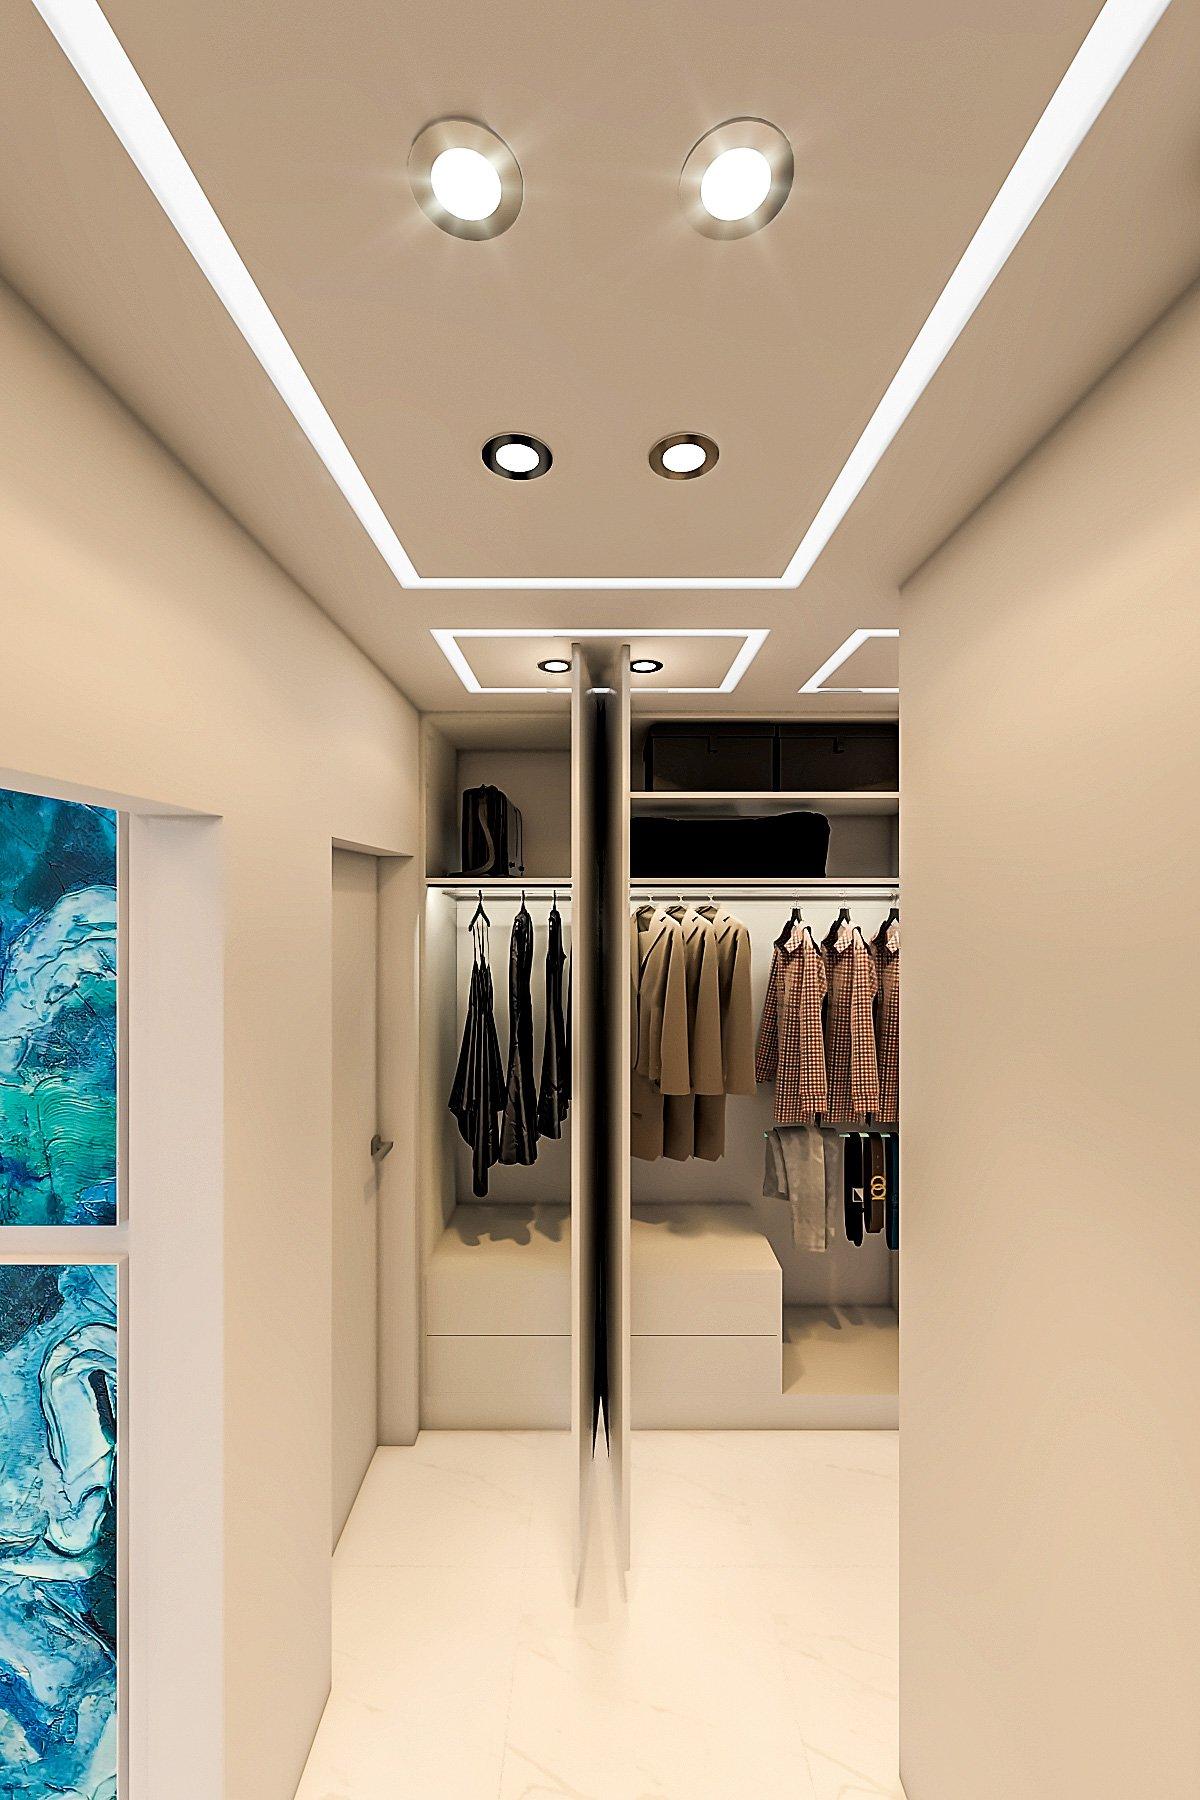 шкаф для одежды в коридоре в однокомнатной квартире в минске, вид с отрытыми дверцами с подсветкой и наполнением шкафа